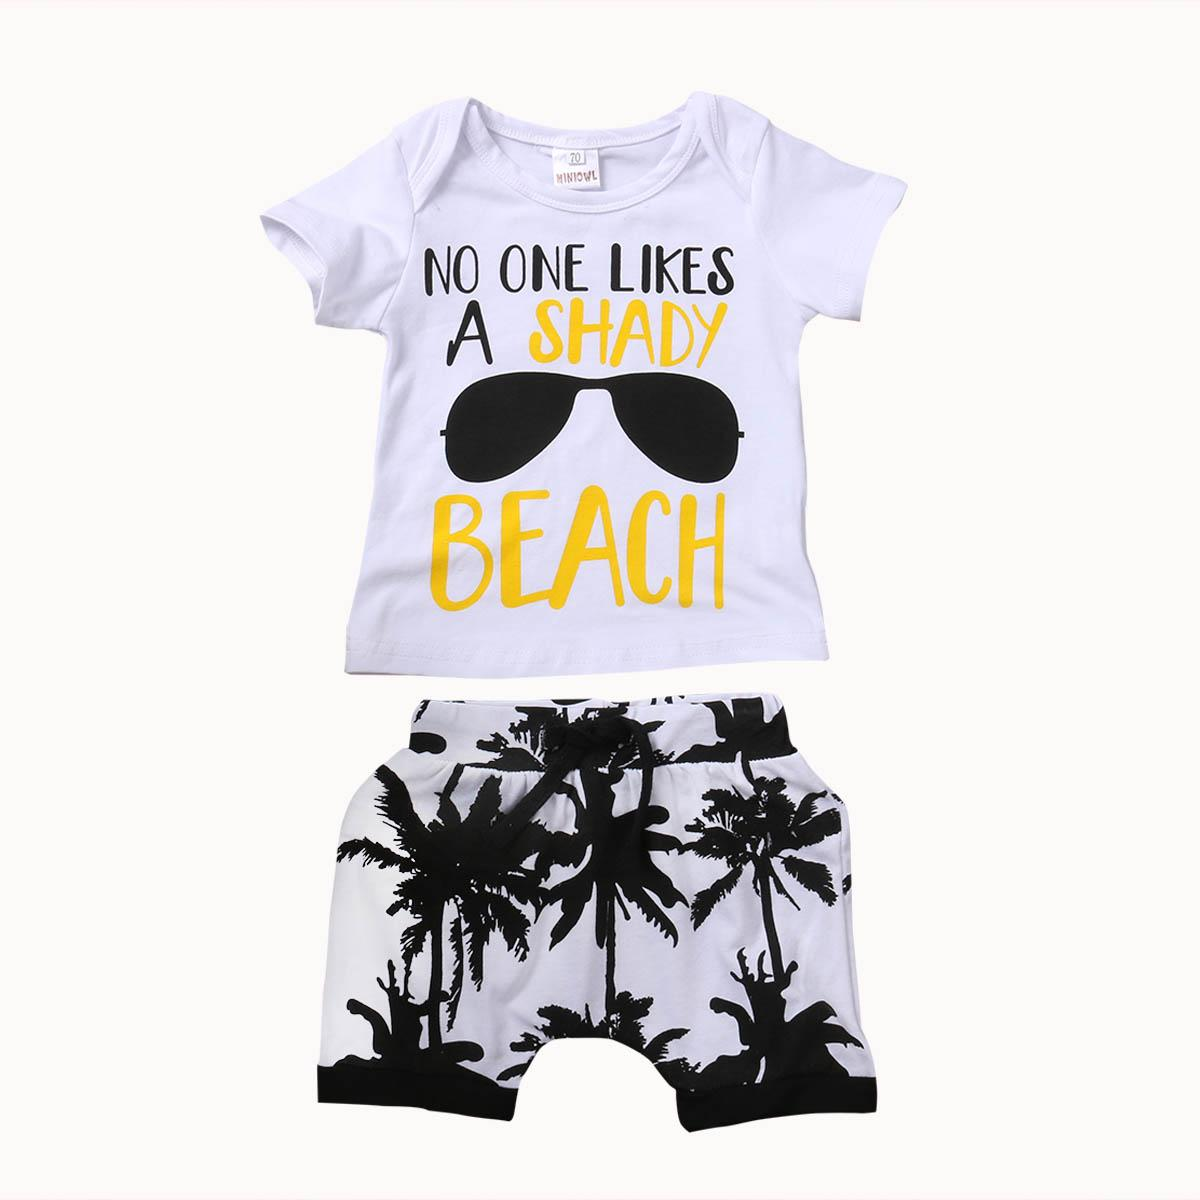 2 piezas de los cabritos del niño muchacha del bebé juego de ropa de verano 2017 de manga corta camiseta de algodón Top + cortos bragas calientes traje de vestir de los niños